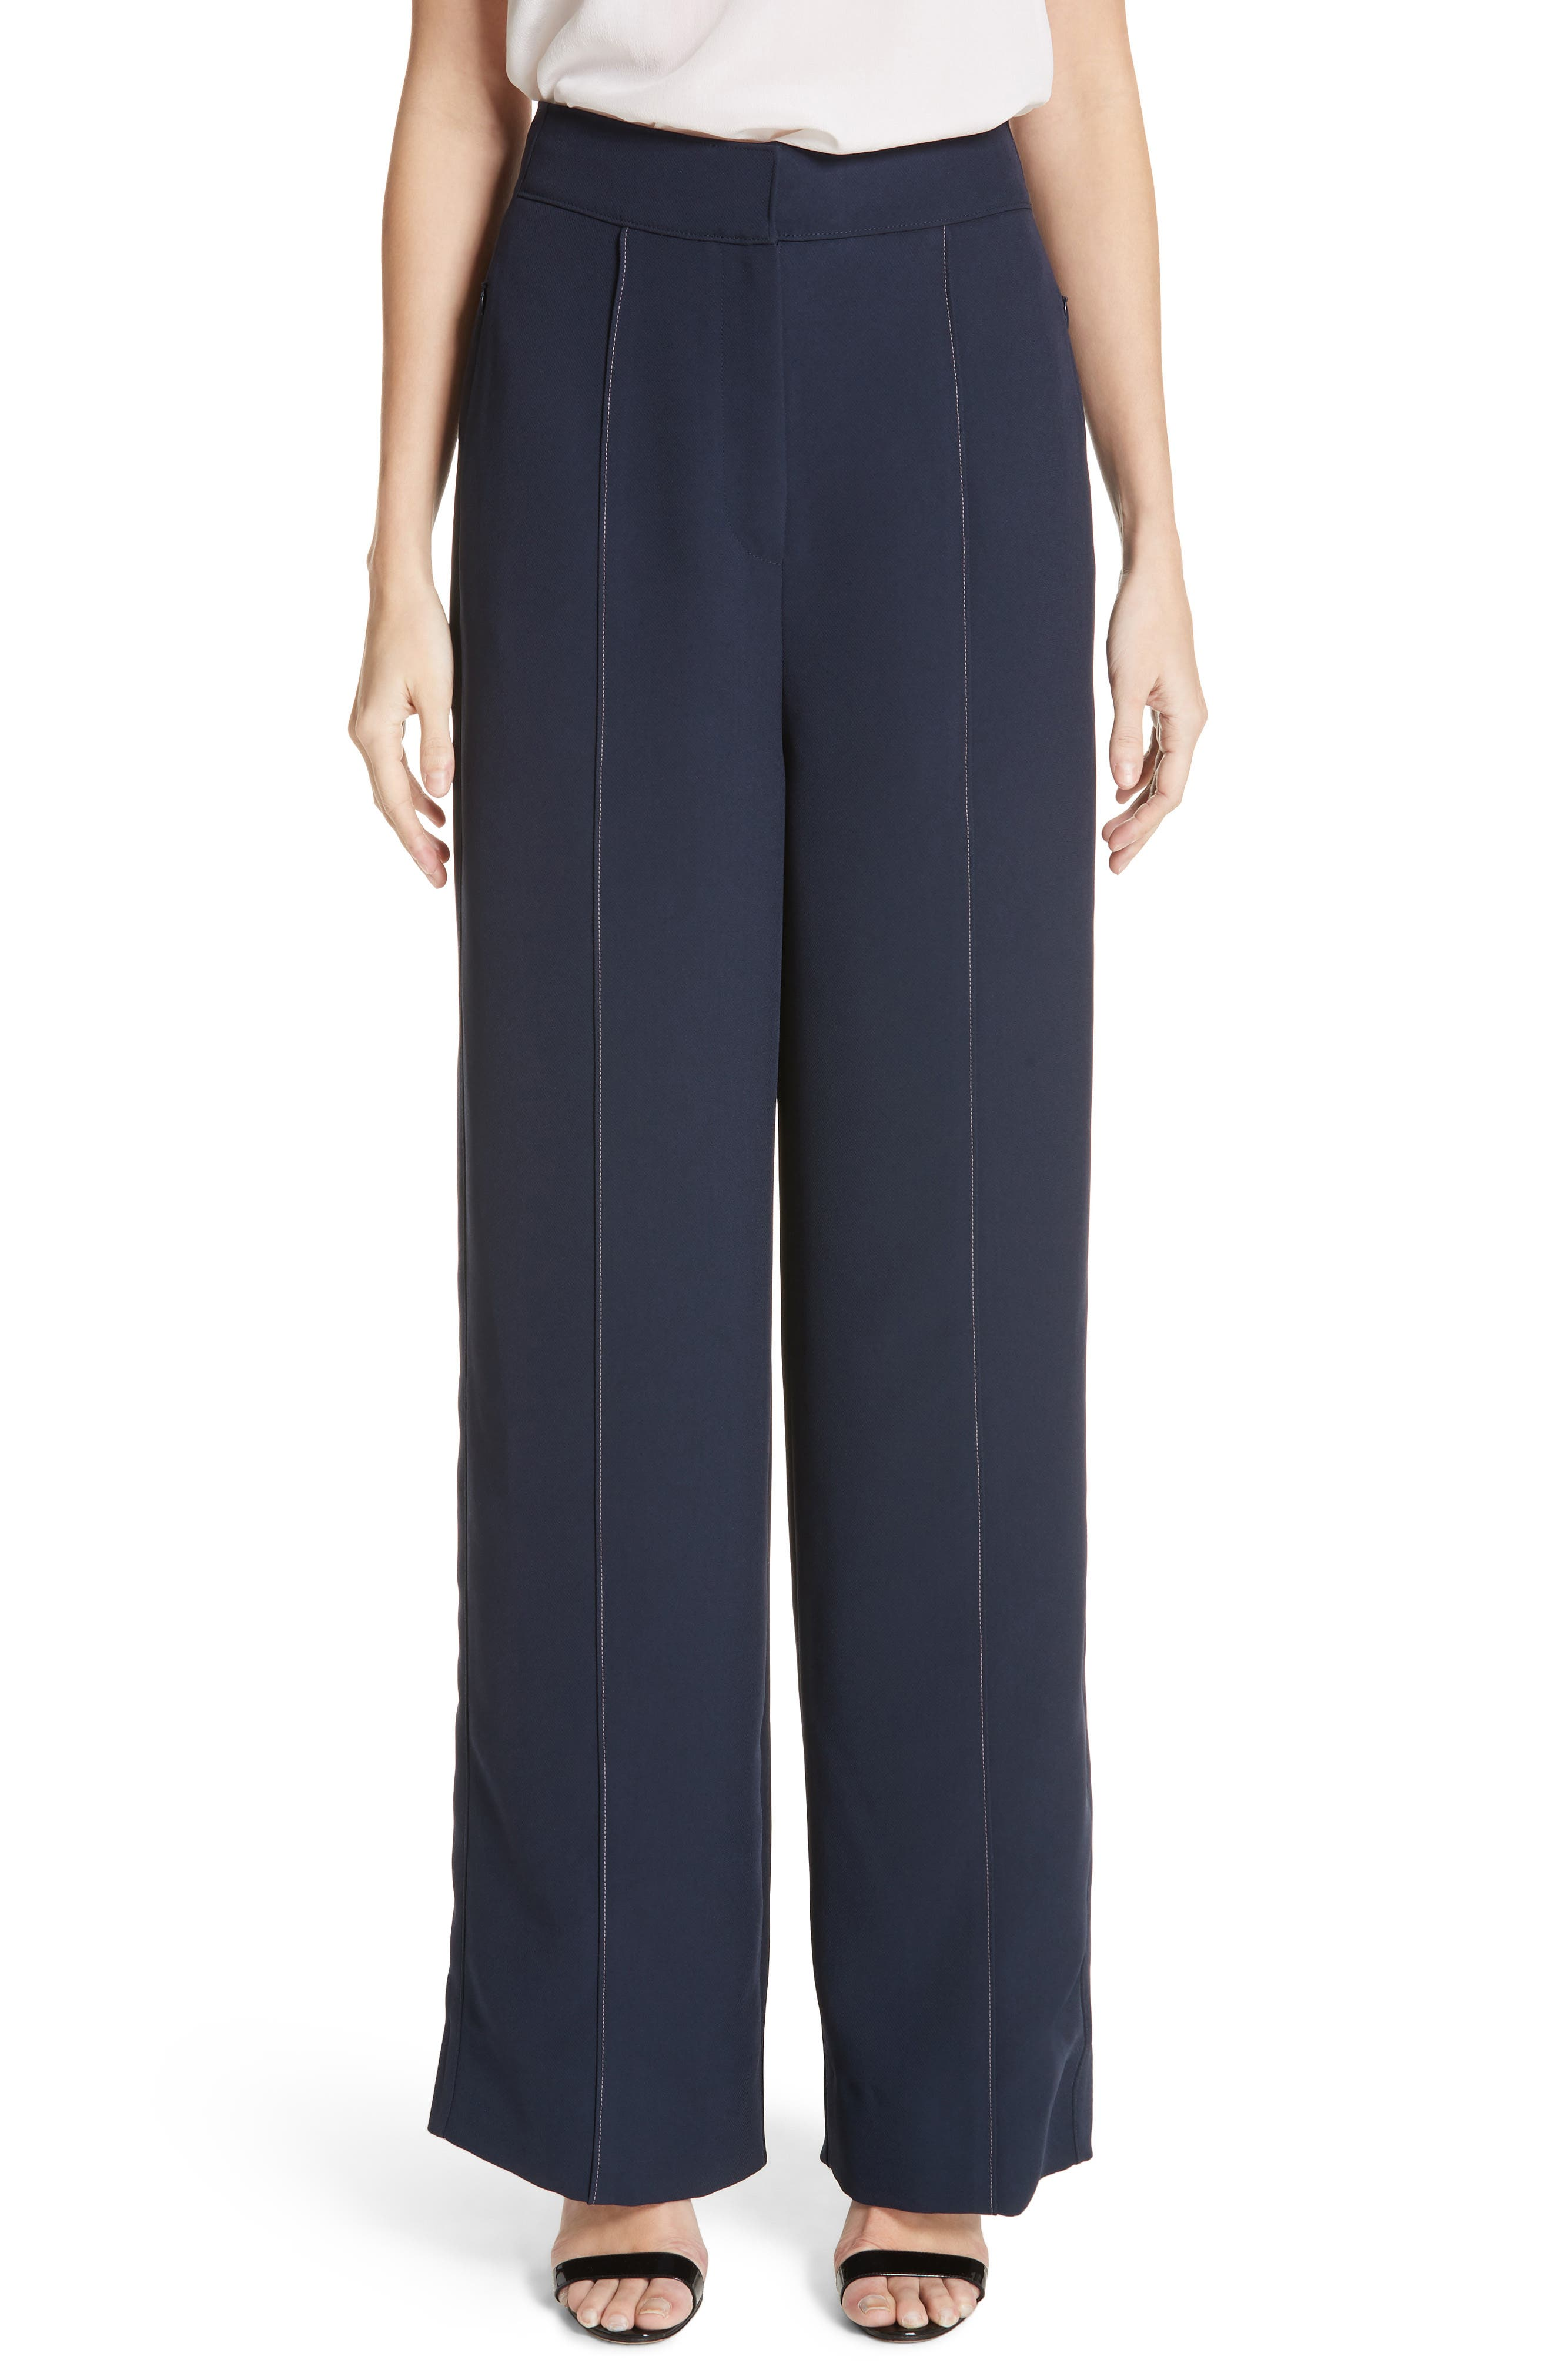 Lapari Pintuck Trousers,                         Main,                         color, 400